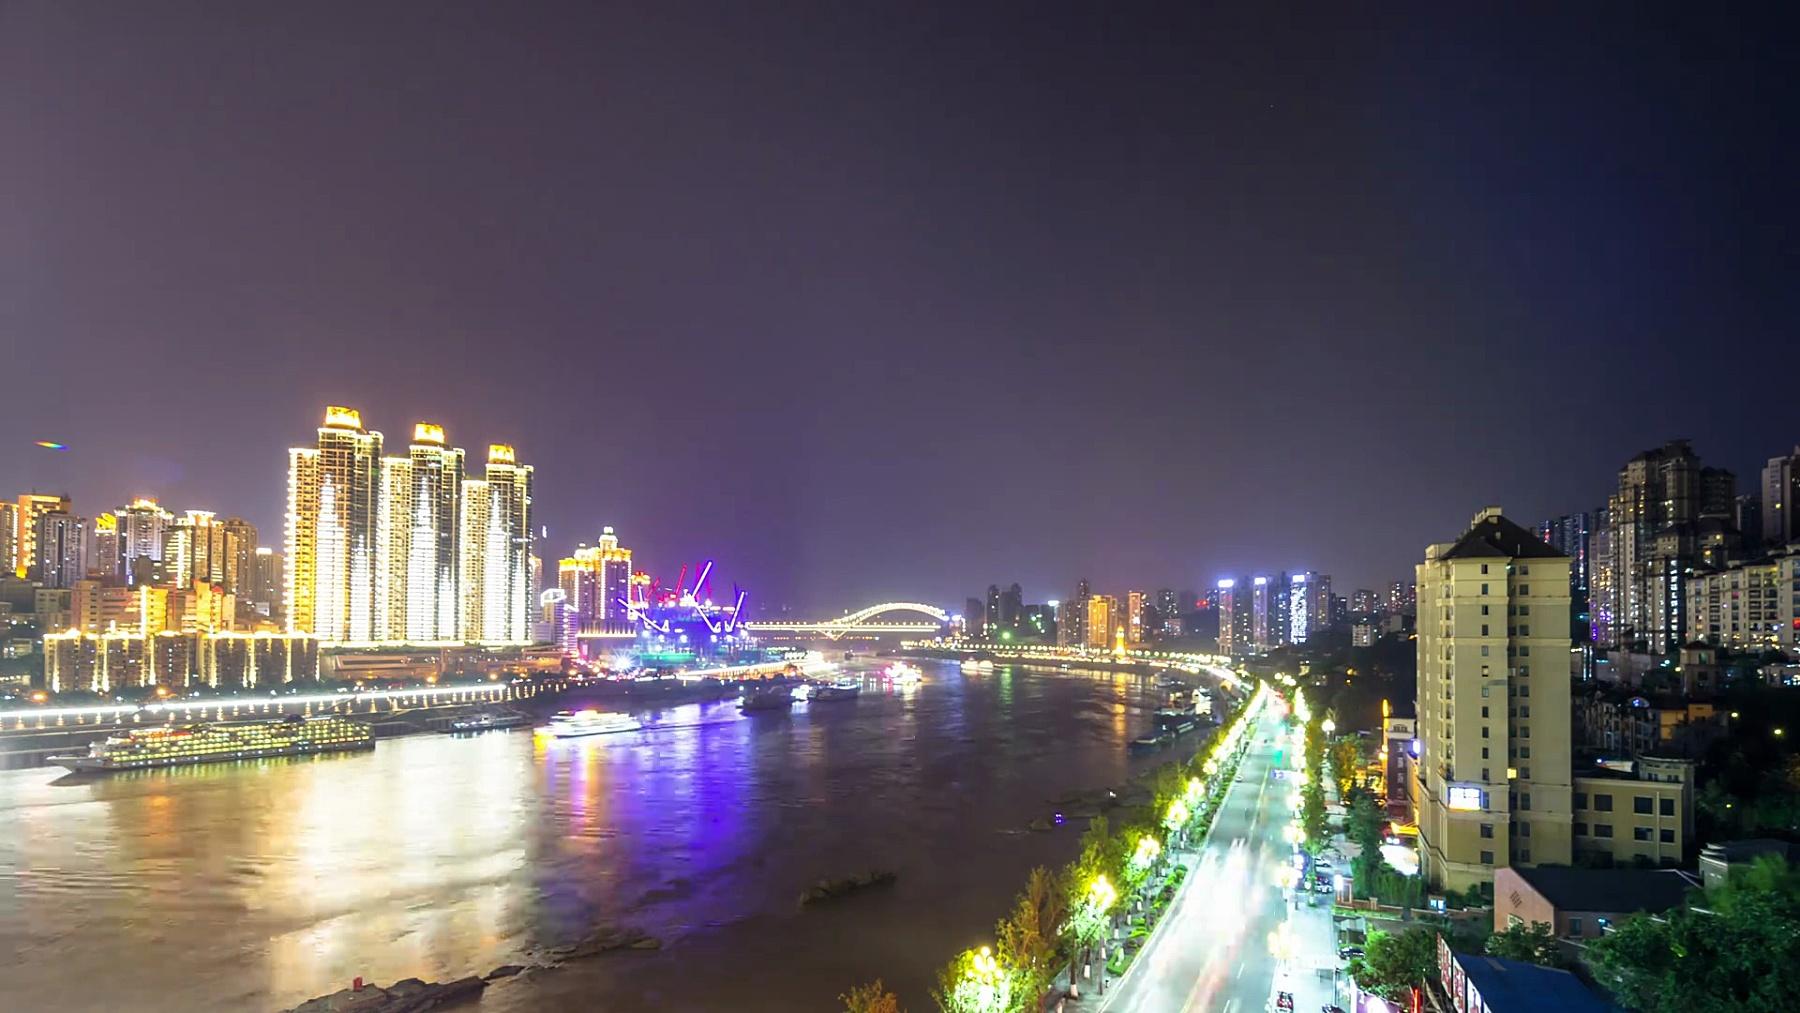 夜晚从河边看重庆的城市风光和天际线。时间间隔